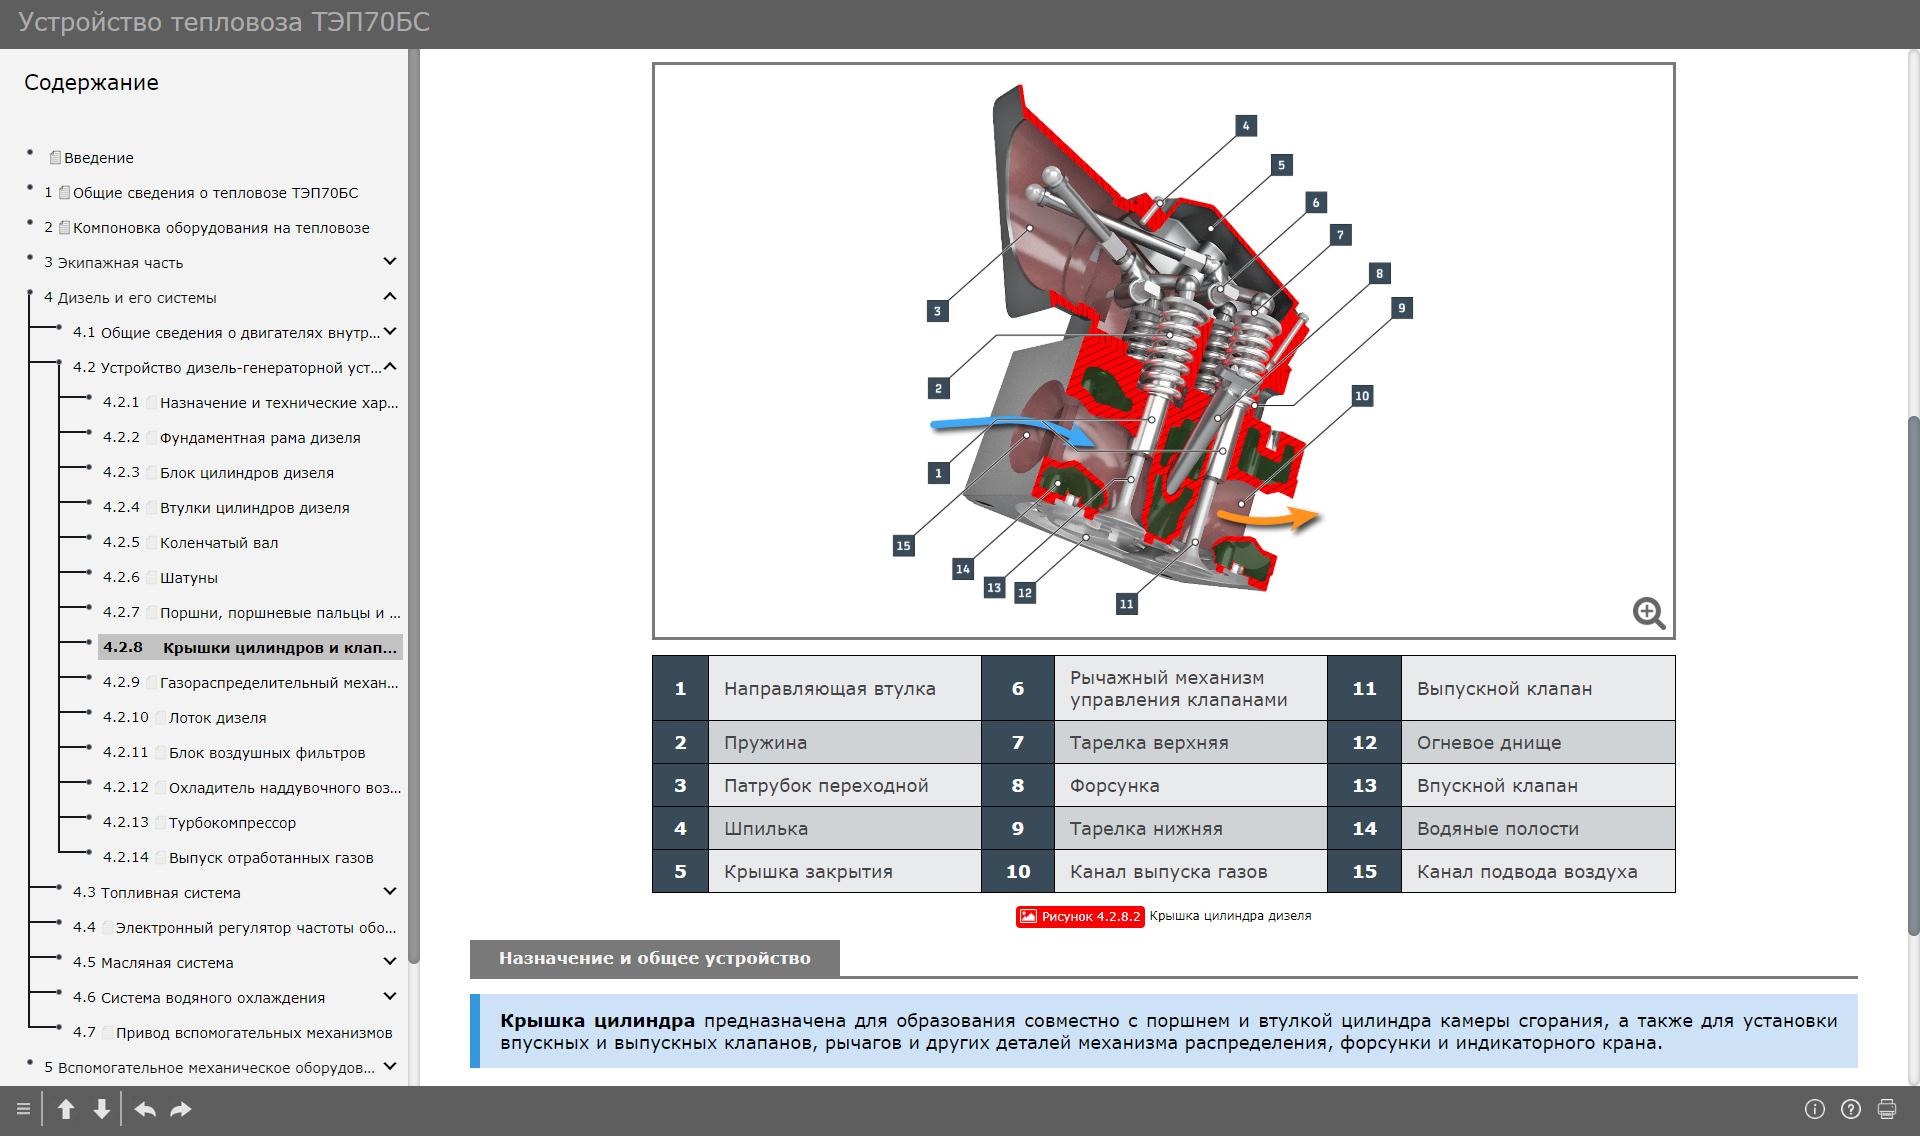 tep70bs 007 Электронный учебный комплекс «Устройство тепловоза ТЭП70БС»